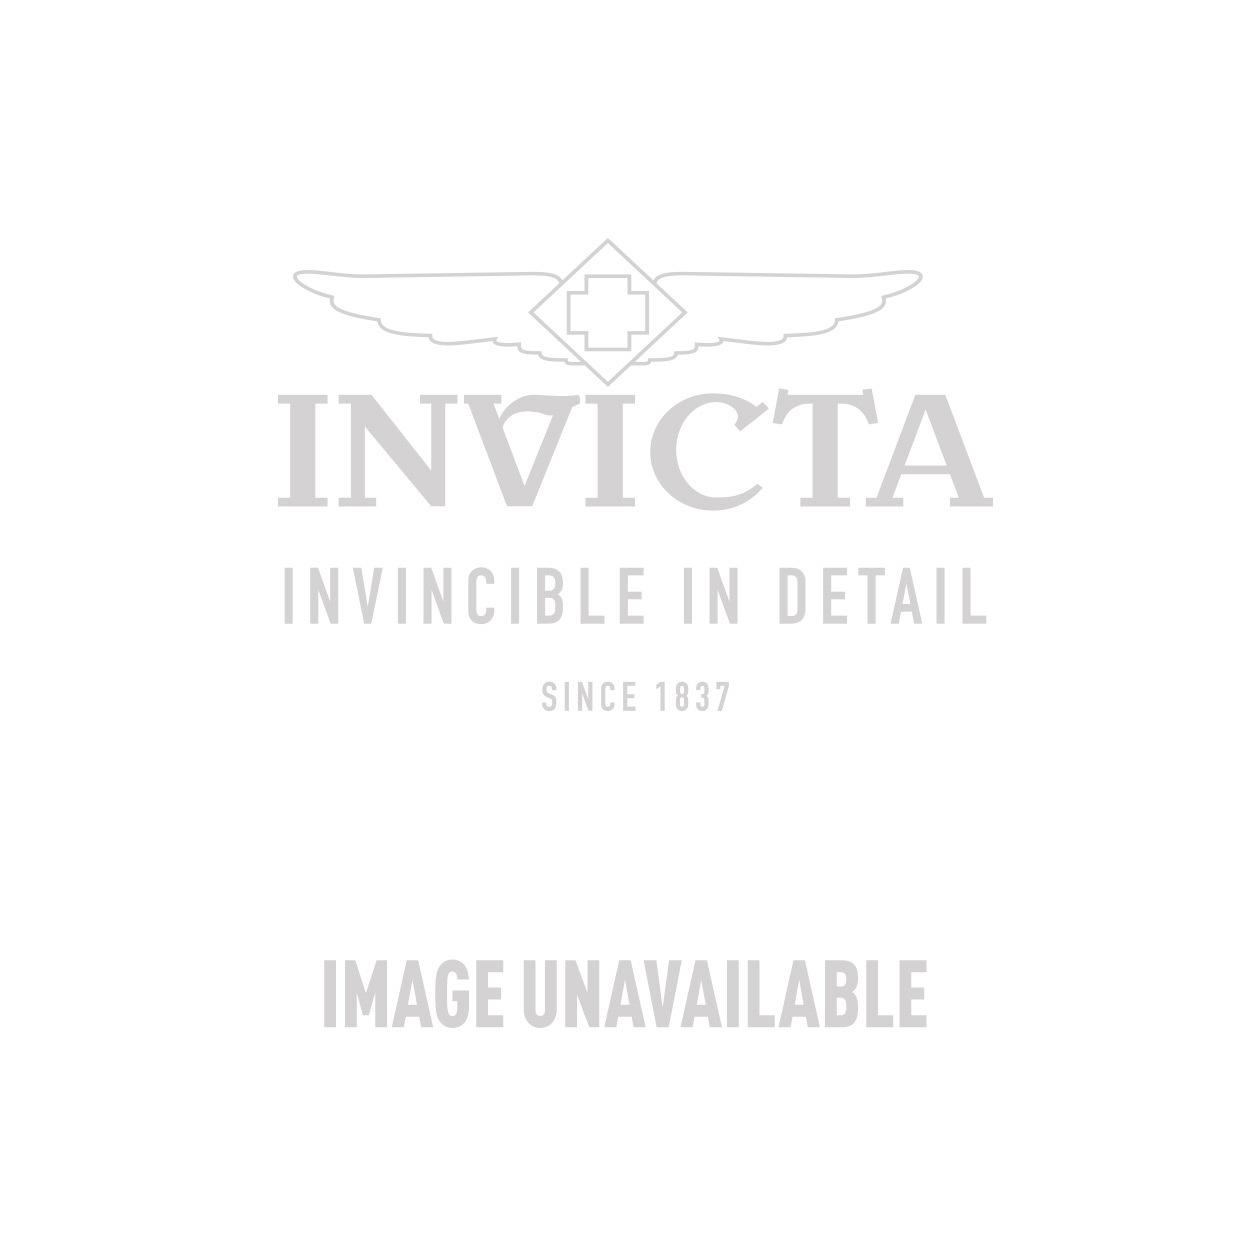 Invicta Subaqua NOMA III Mens Quartz 50mm Grey Case  Stainless Steel, Plastic Dial Model  - 0932